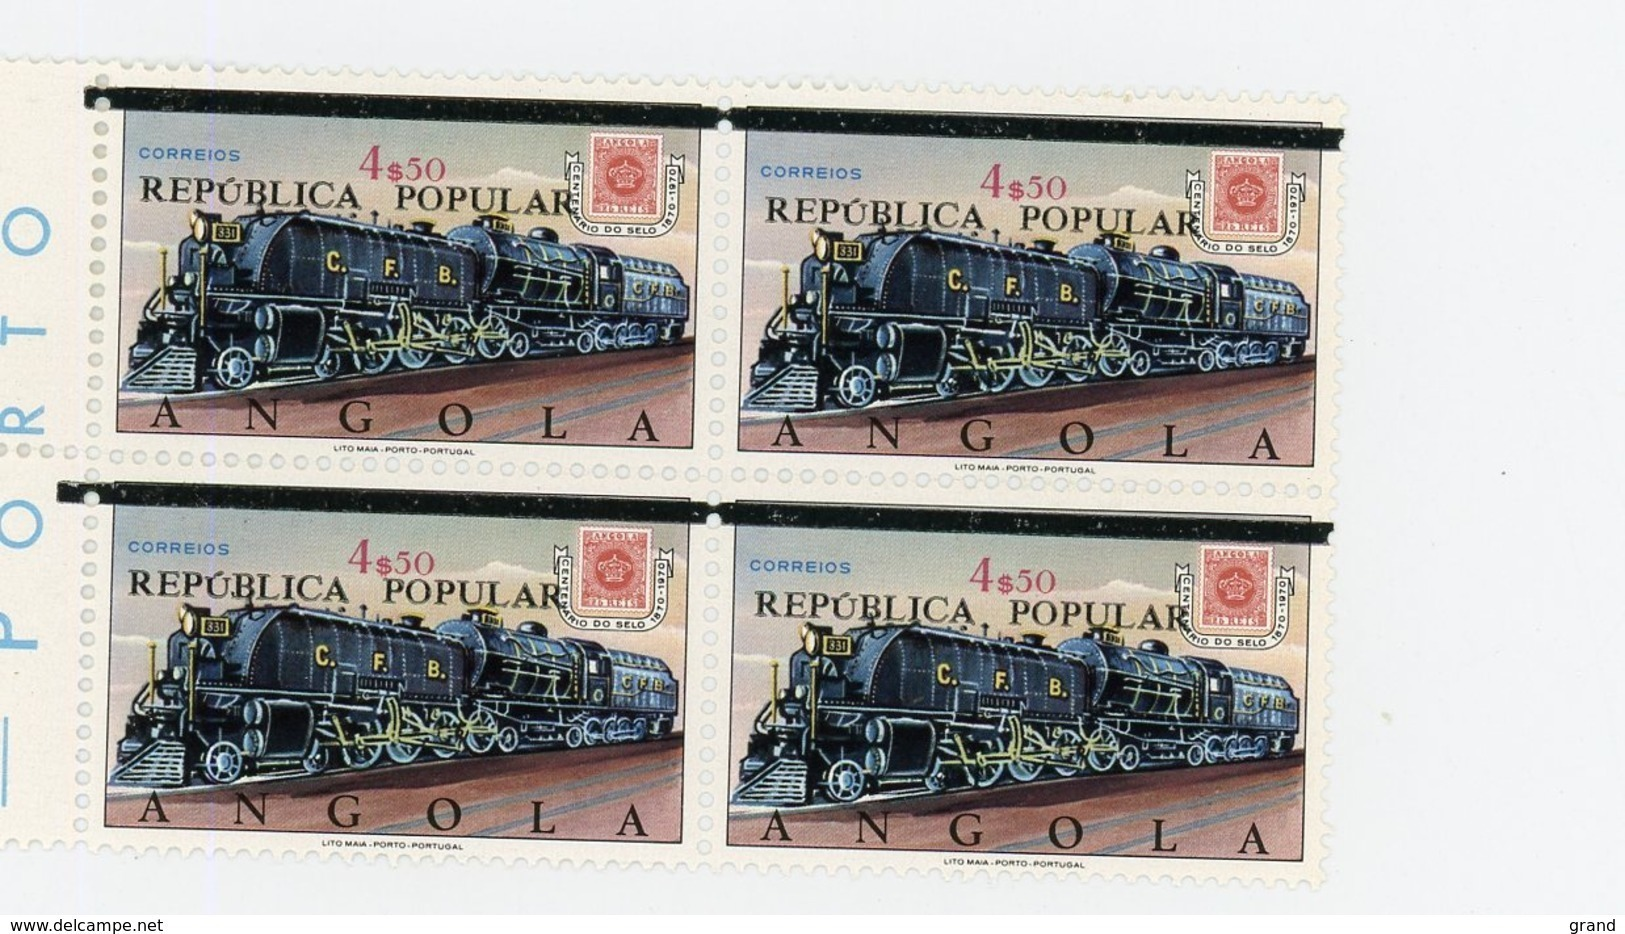 Angola 1980-Trains-Timbre Surchargé-Fine Barre-PALOP 21-YT 575***MNH EN BLOC DE 4 - Angola